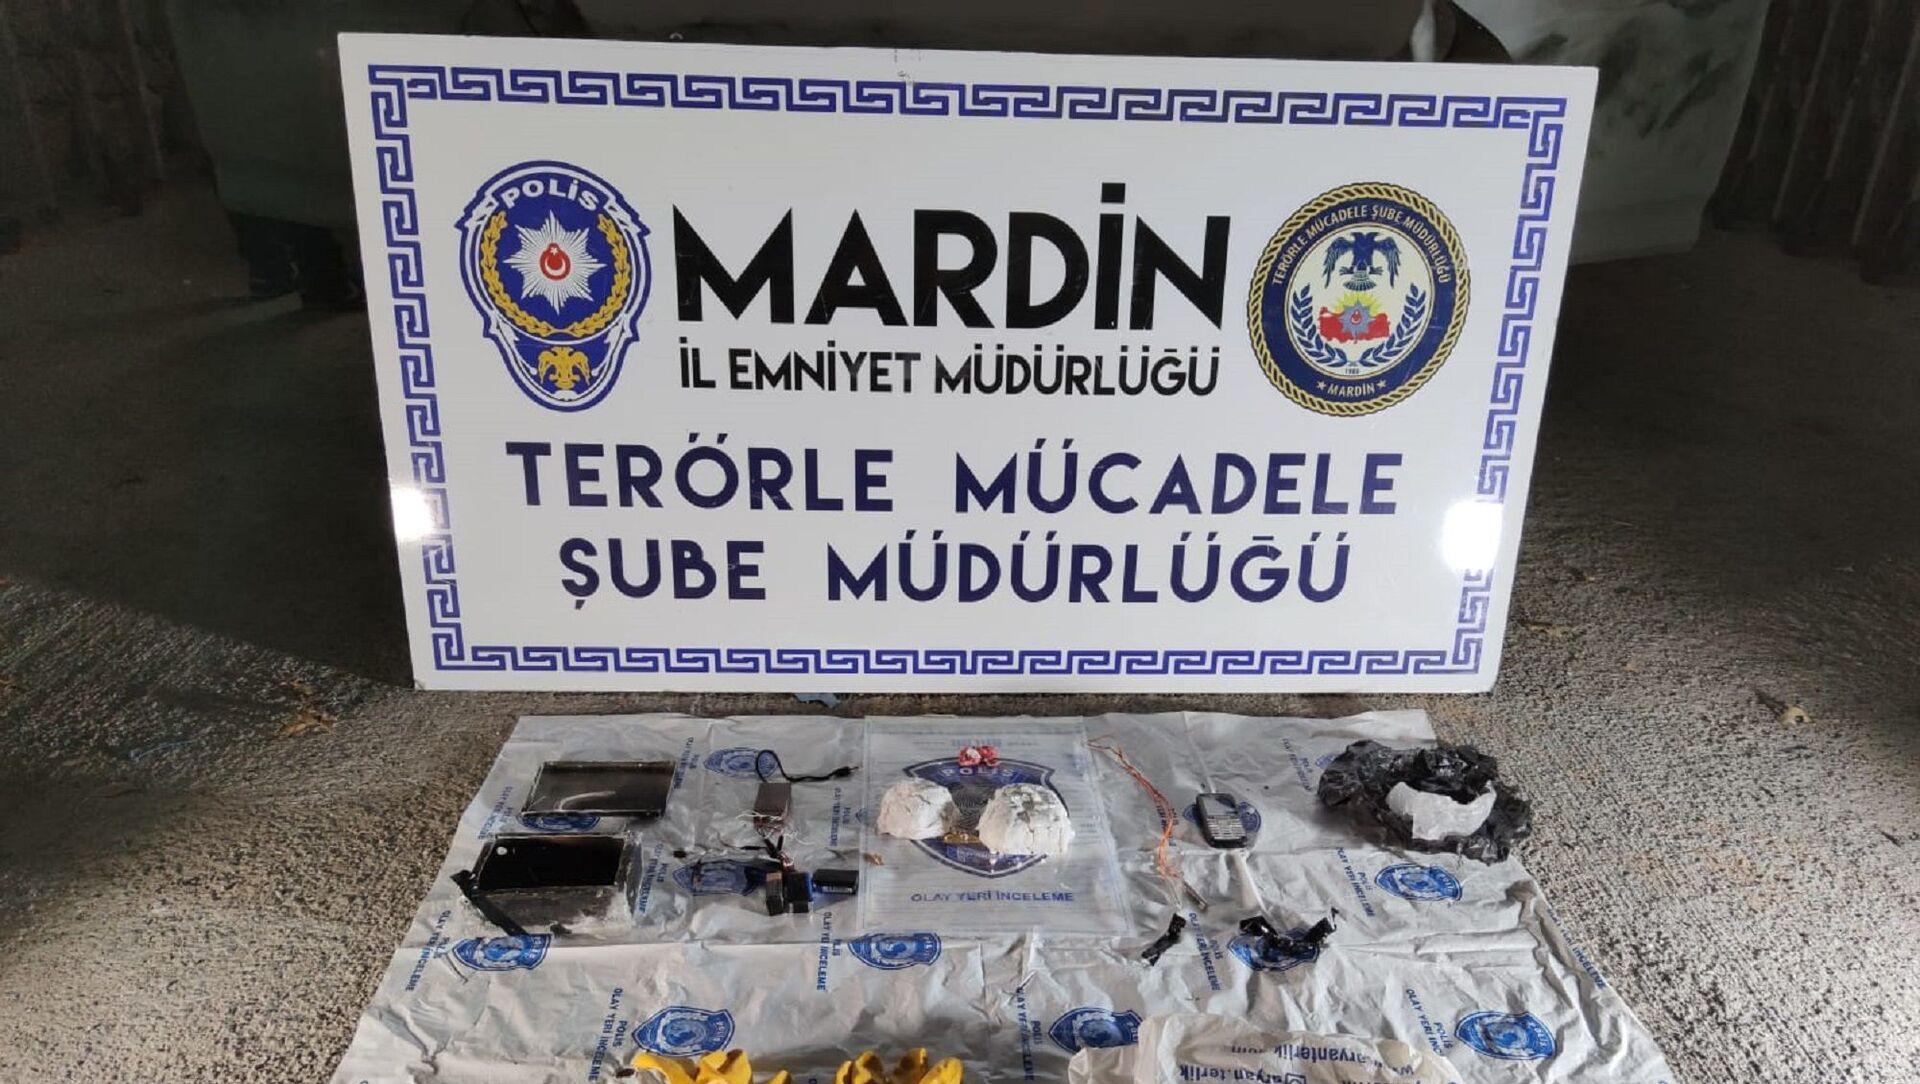 Mardin'de bombalı eylem hazırlığındaki bir örgüt mensubu, 2 kg ağırlığındaki plastik patlayıcı ile yakalandı - Sputnik Türkiye, 1920, 30.07.2021